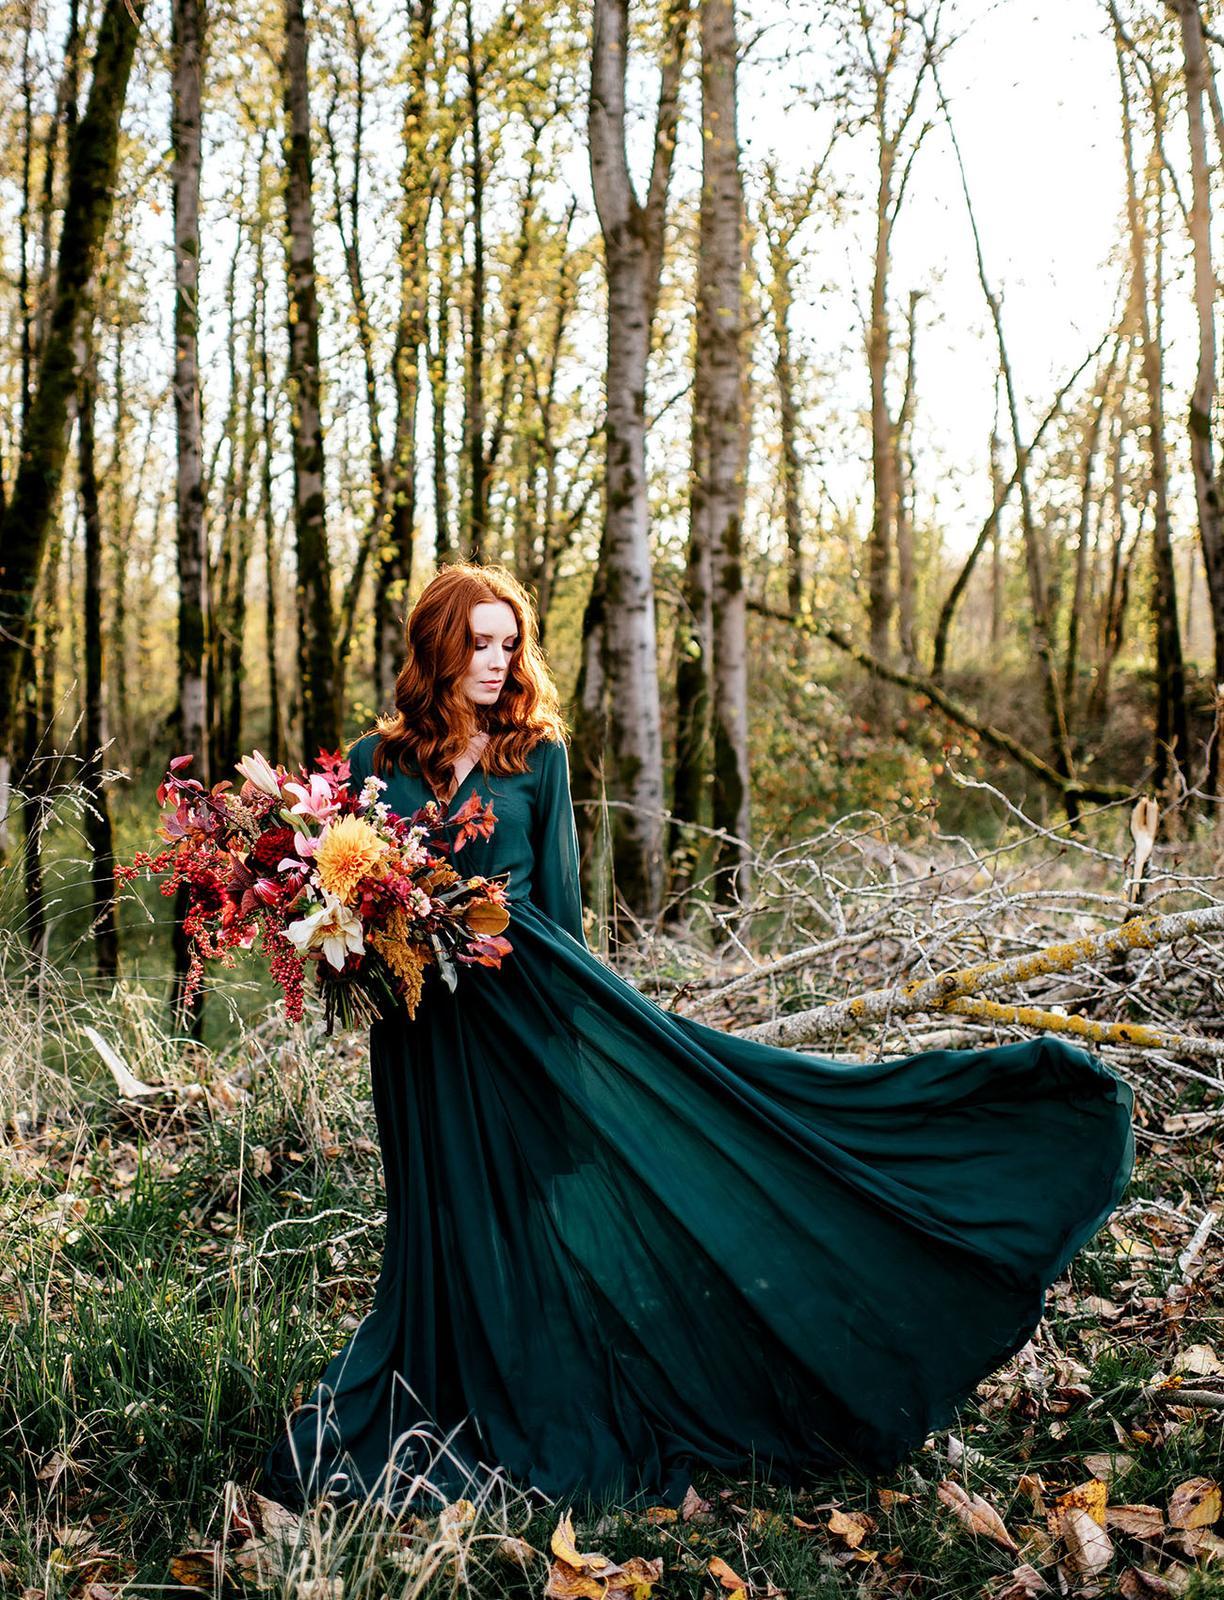 Svadba na jeseň - Obrázok č. 2